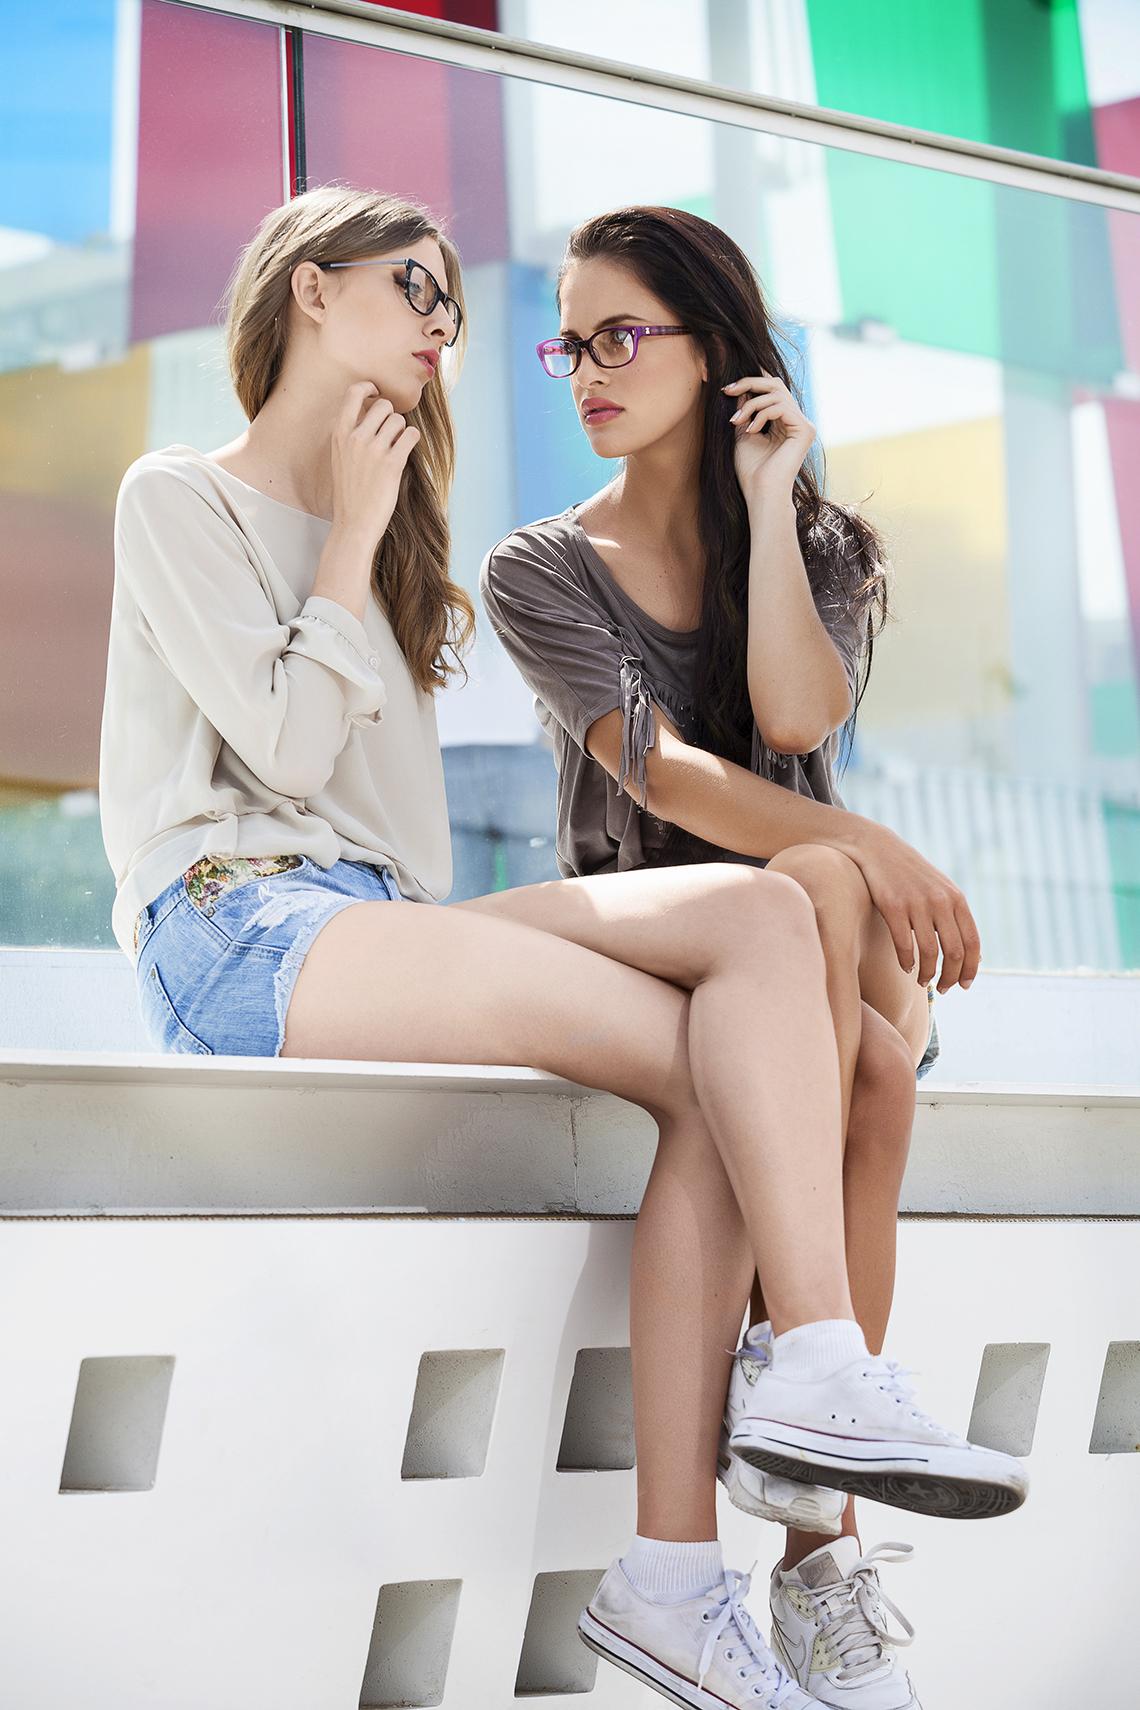 fotografia-moda-publicidad-marbella-soloptical-retoquejjs_MG_6151_2